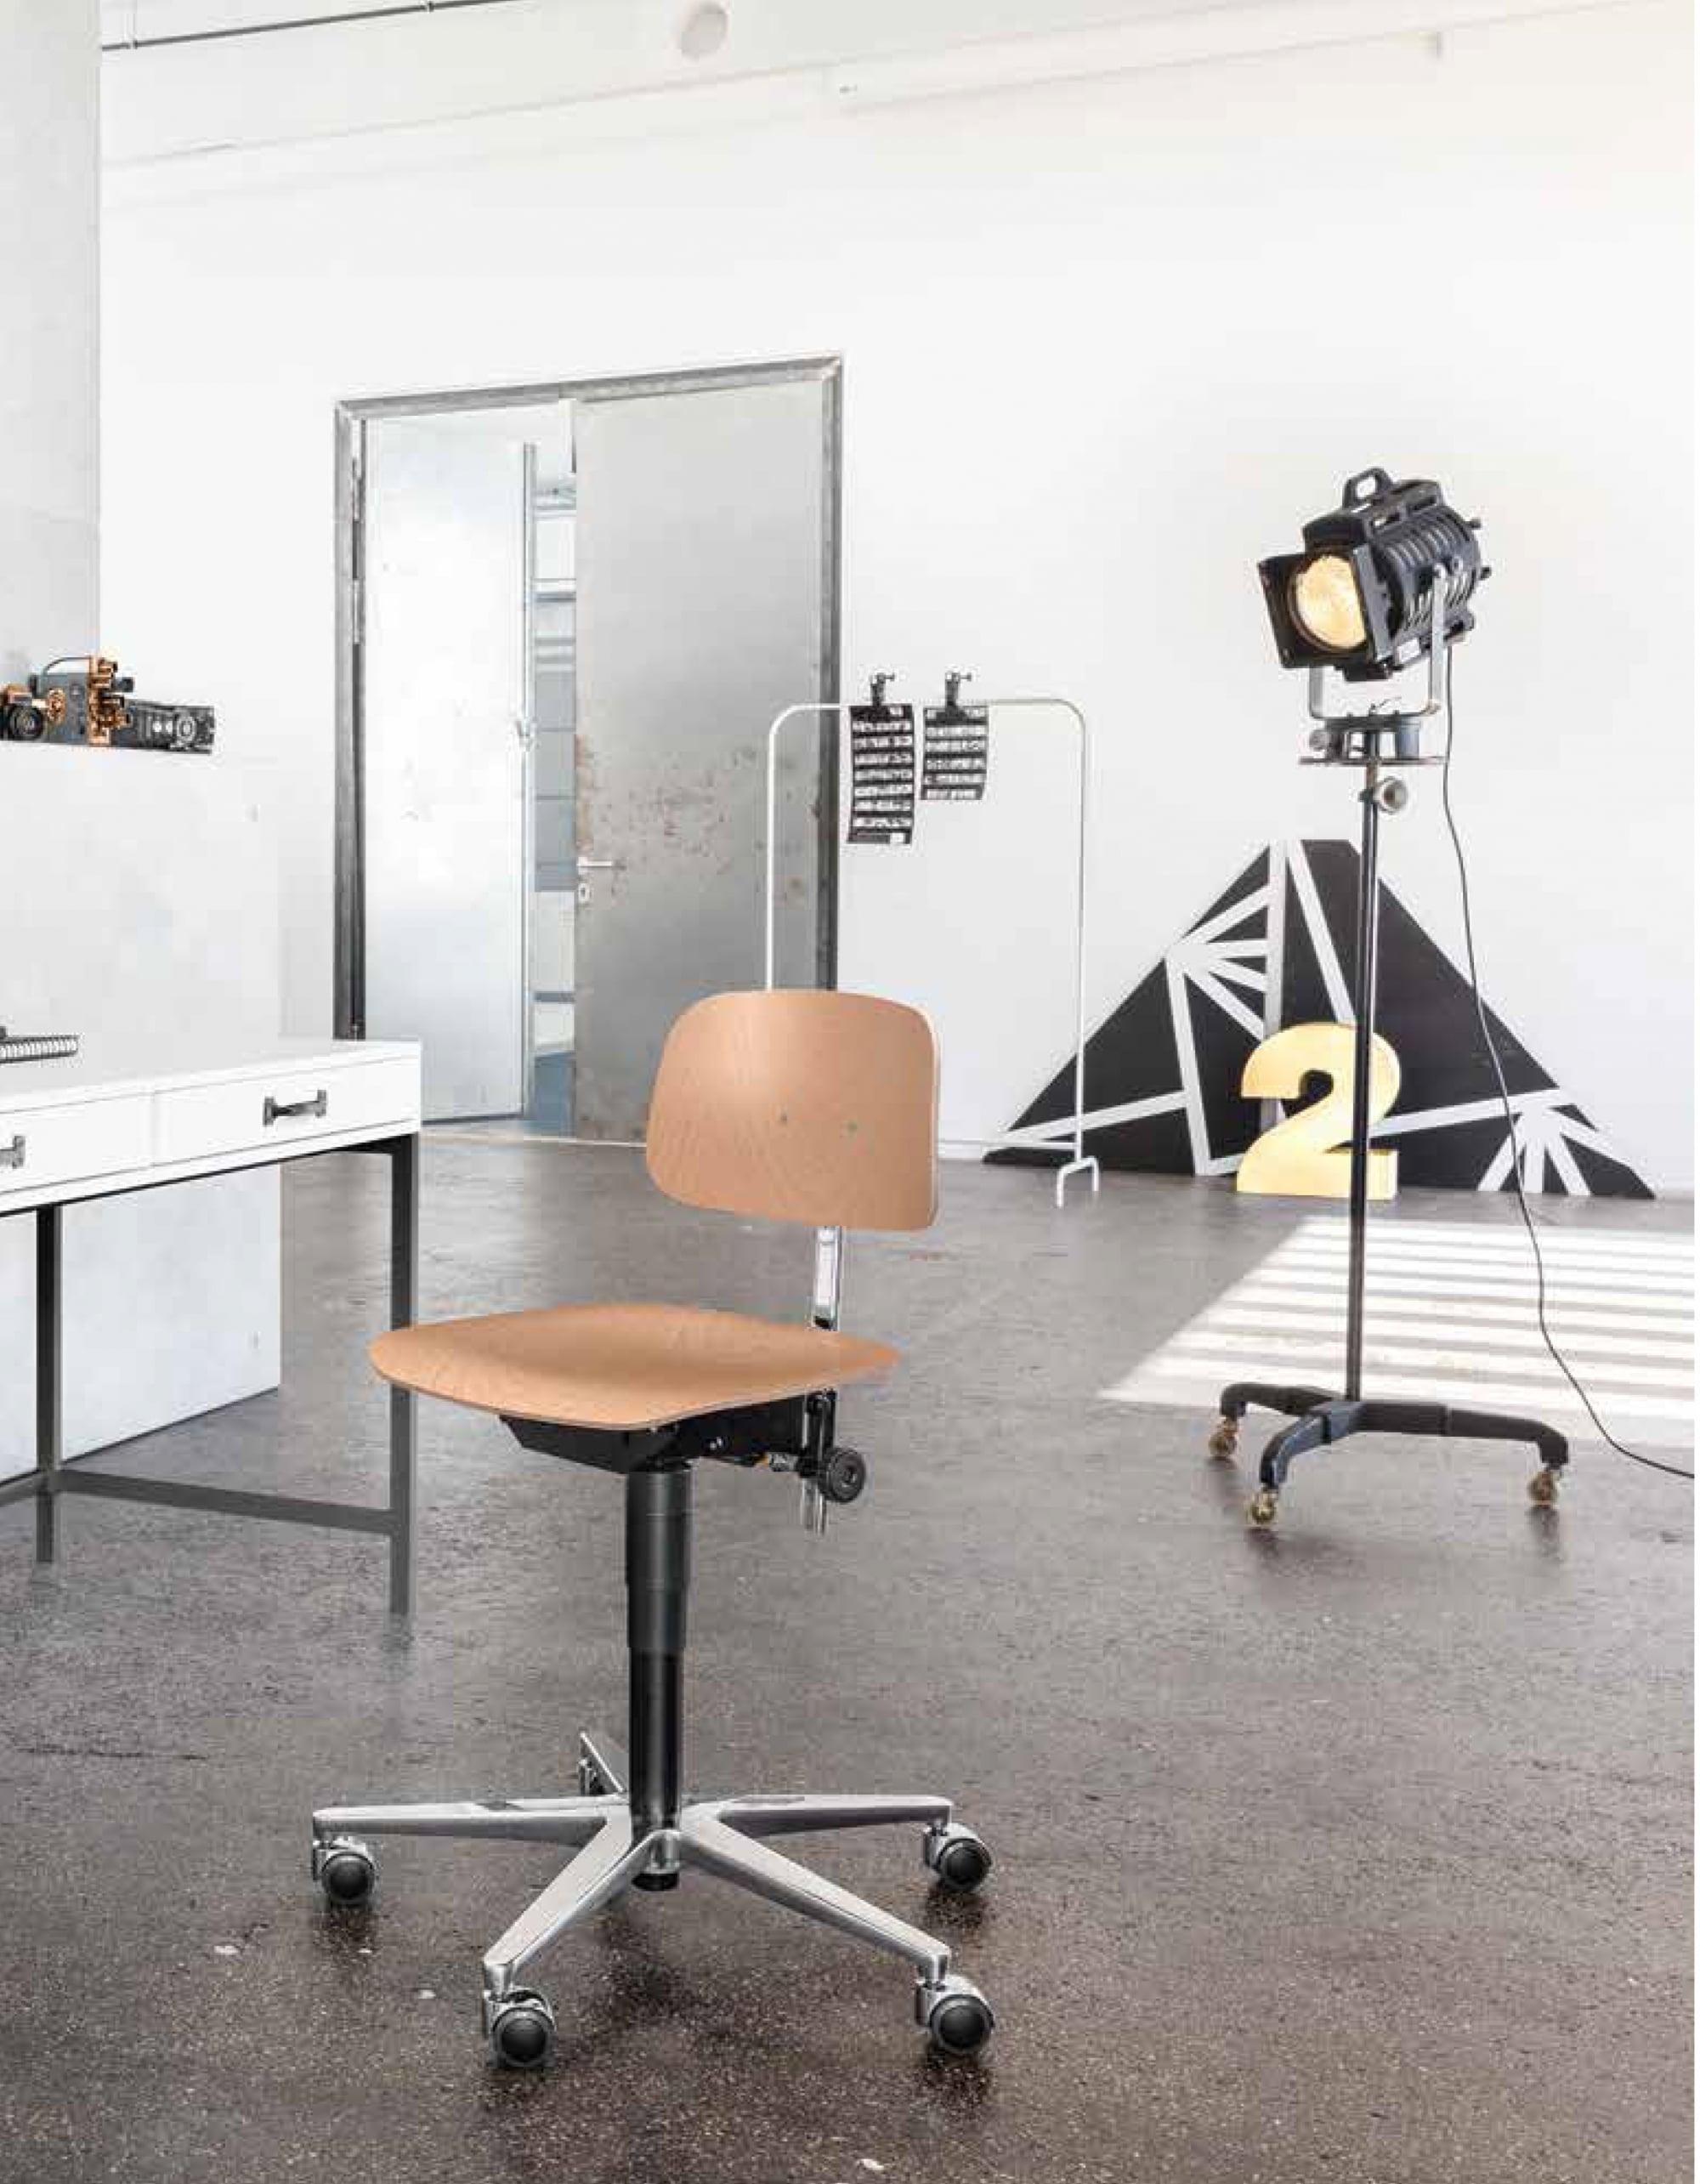 Drehstuhl, ergonomisch, sitzen, einstellbar, Synchronmechanik, Retro, Dauphin